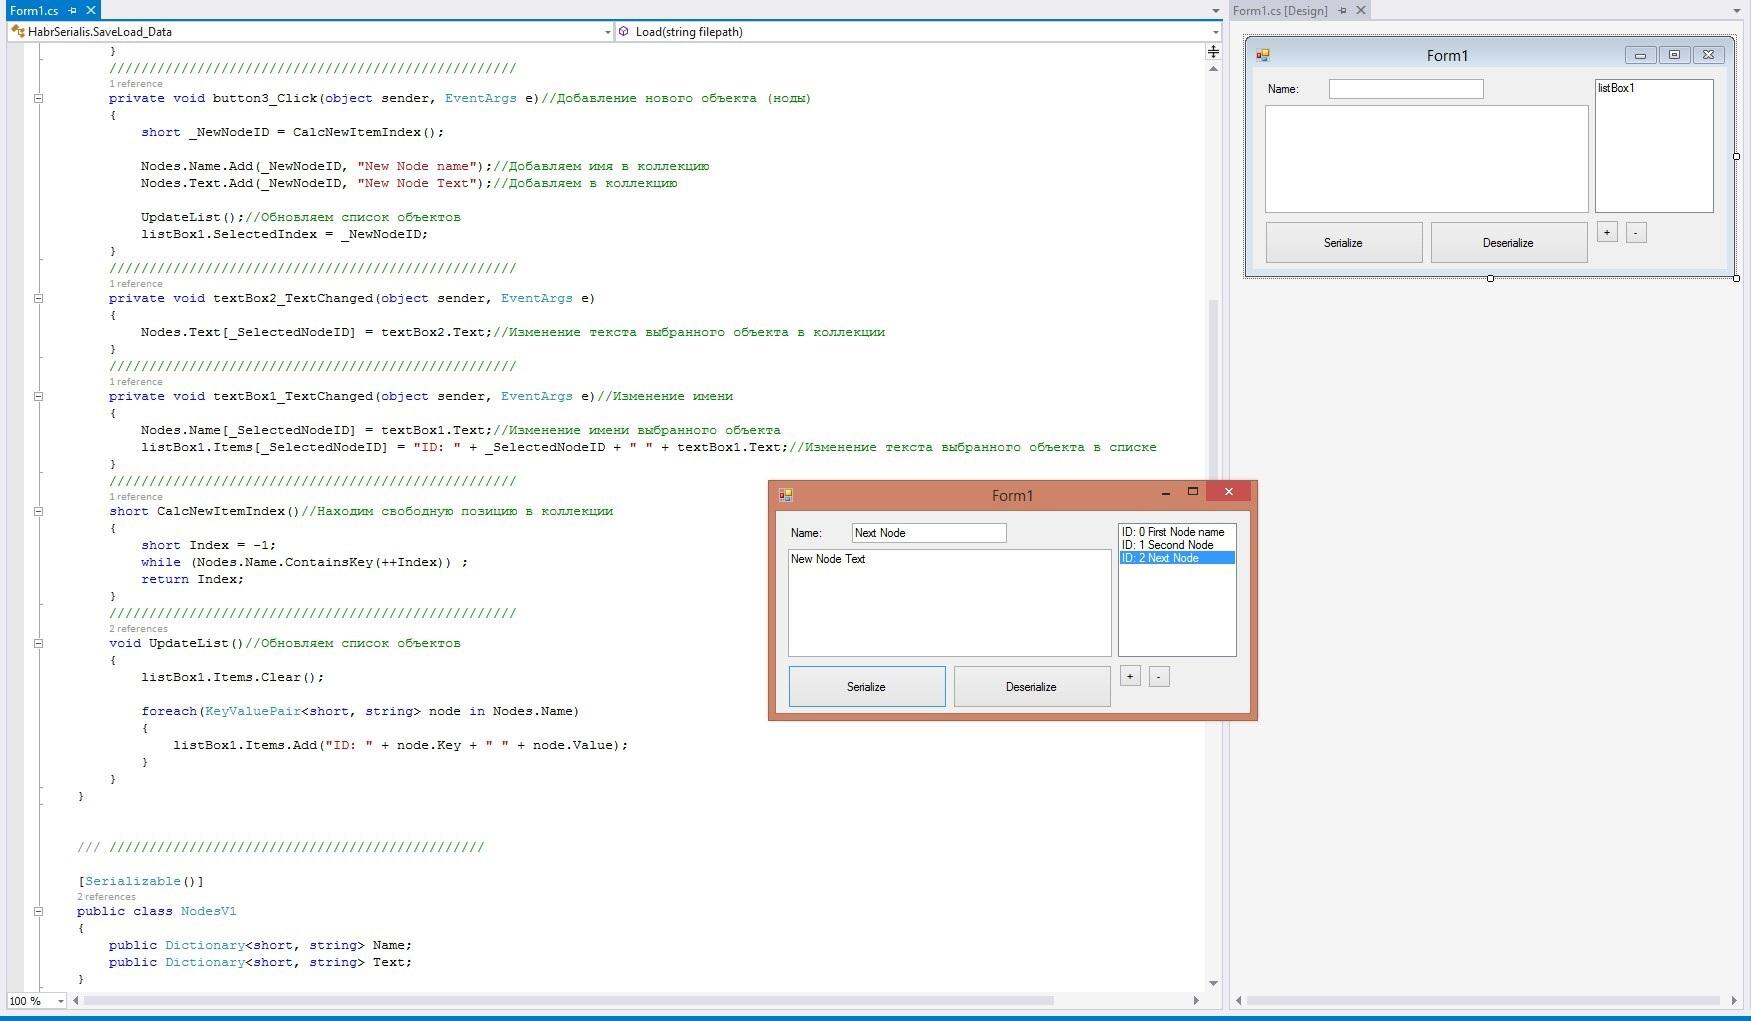 Бинарная сериализация в Unity 3D Visual Studio Application